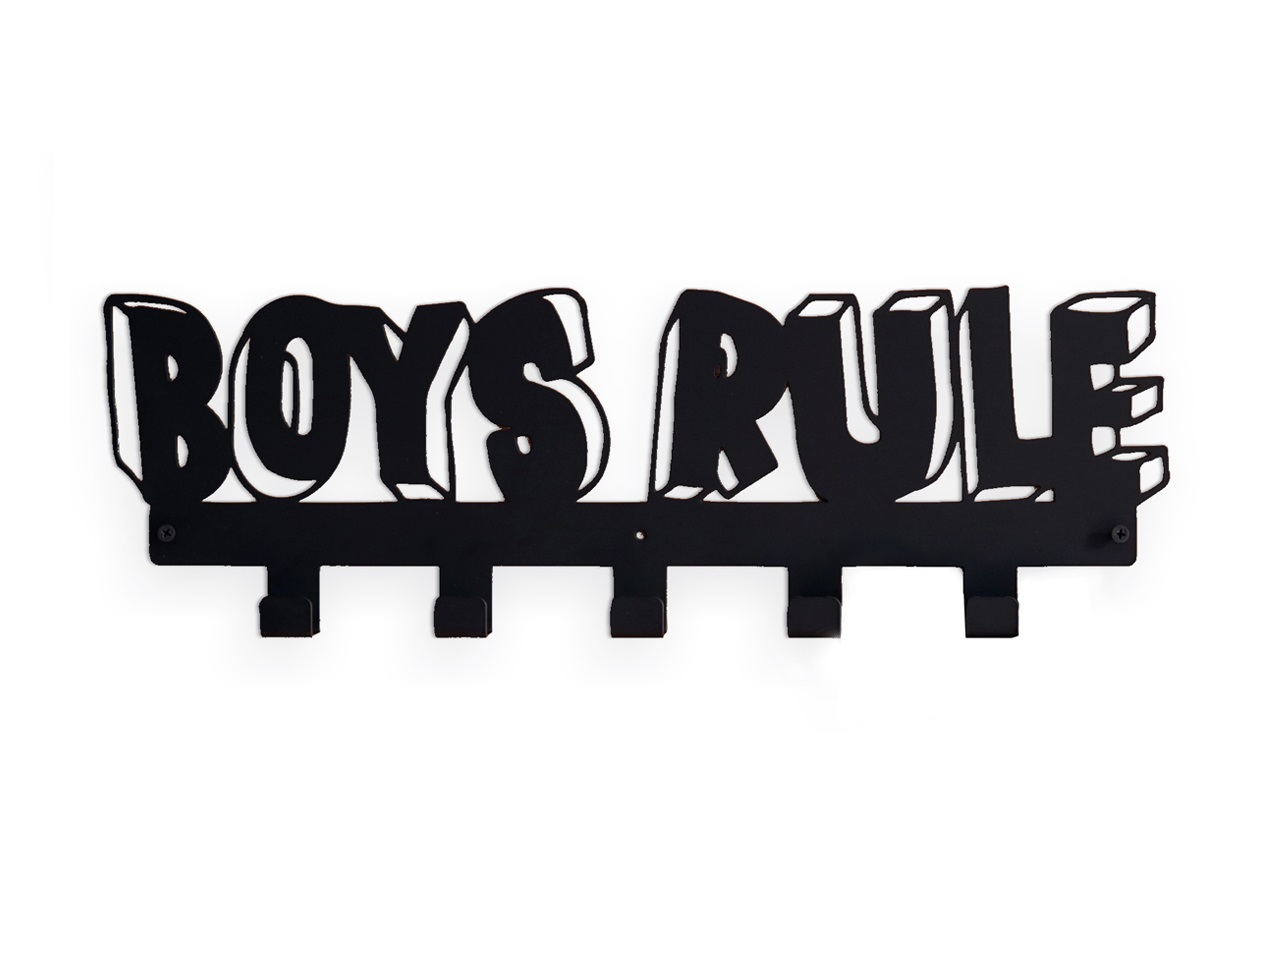 Вешалка BOYS RULEВешалки<br>Каждый любящий родитель хочет, чтобы его ребенок был аккуратным и опрятным.<br>Настенная вешалка BOYS RULE это - креативный способ украсить комнату мальчика и приучить его соблюдать порядок. Пусть это будут ЕГО ПРАВИЛА! <br>Вешалка идеально подходит для верхней одежды, рюкзаков и аксессуаров.<br>Вешалка&amp;amp;nbsp;BOYS RULE изготовлена из прочной стали и легко крепится к стене с помощью обычных дюбелей.<br><br>Material: Сталь<br>Length см: None<br>Width см: 50<br>Depth см: 3<br>Height см: 15<br>Diameter см: None